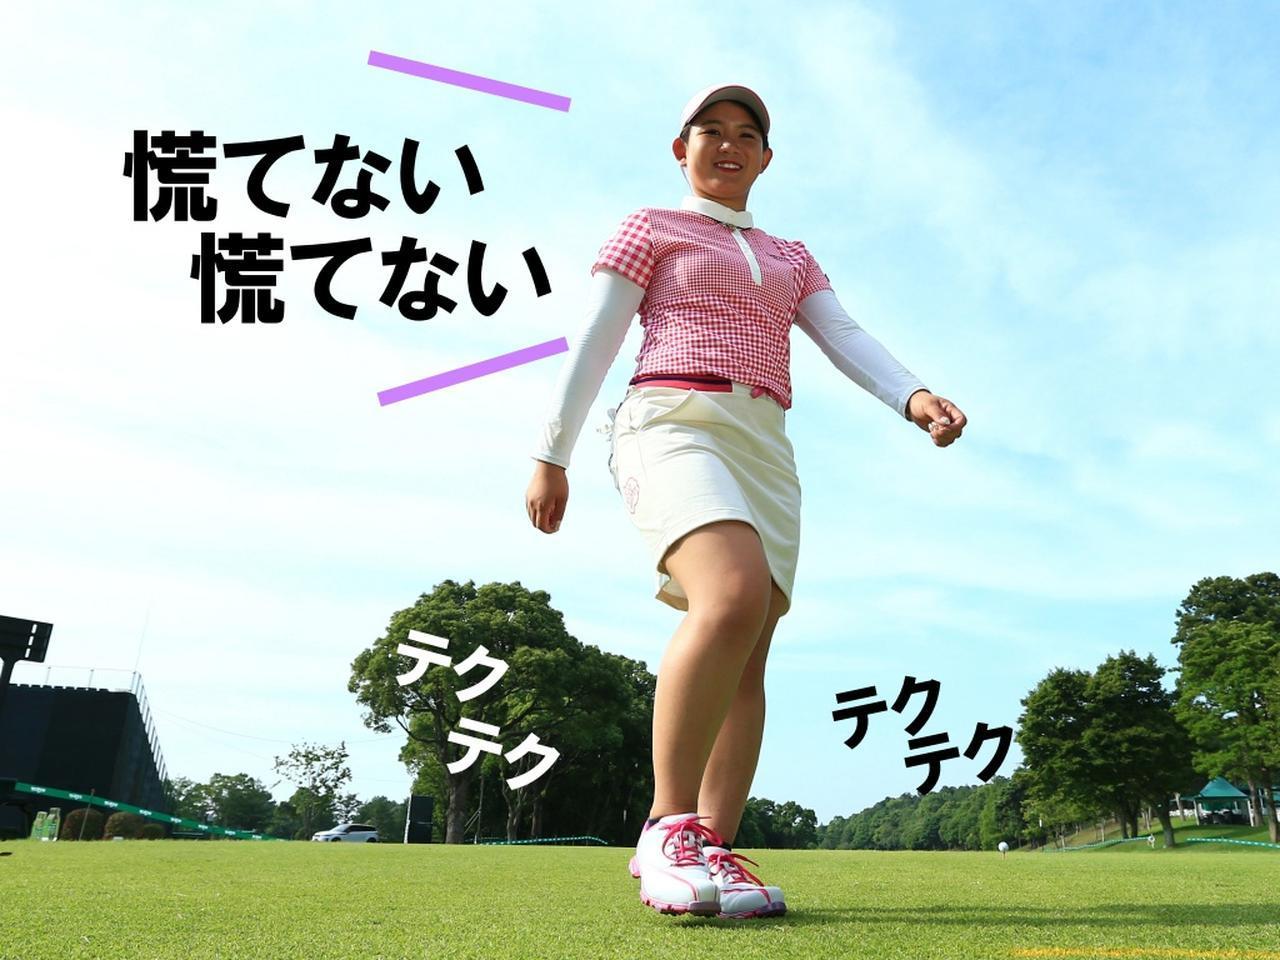 画像: 歩くリズムで振ることで打ち急ぎがなくなり、ヘッドを走らせることができる。走るような慌ただしいリズムではヘッドが走らず、最後まで振り切ることができない